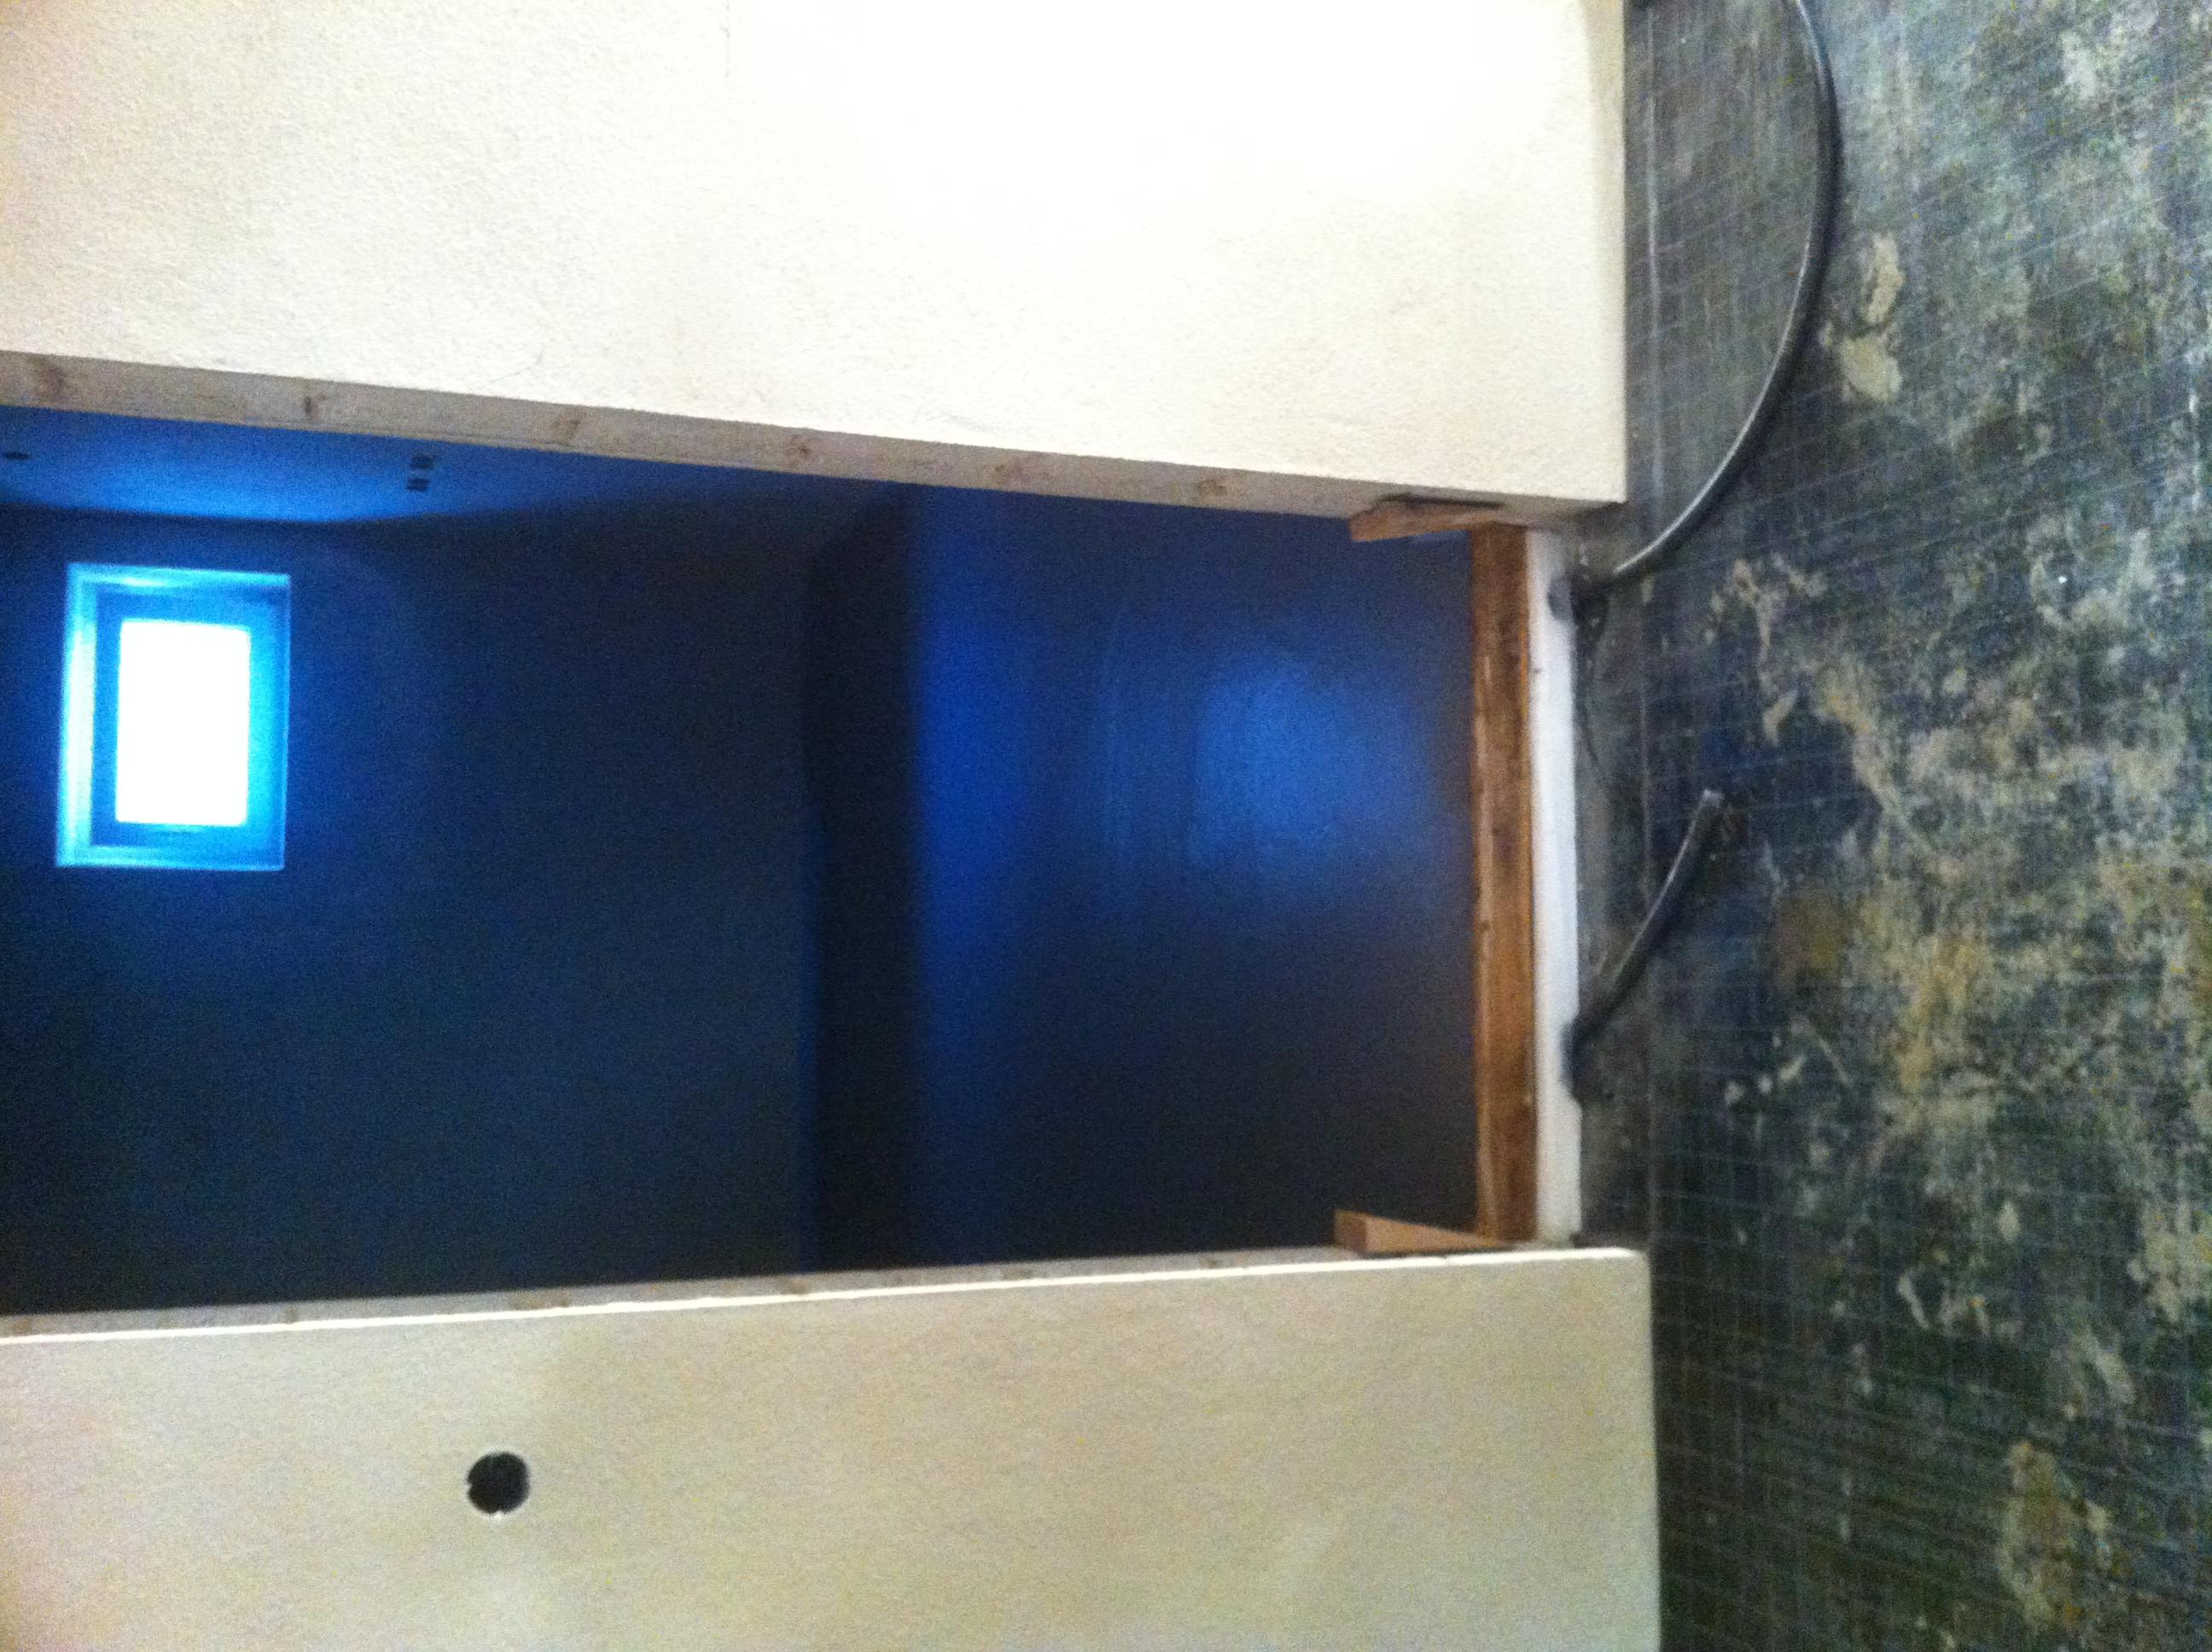 estrich im anschlussraum und kellerraum unser hausbau festgehalten im blog. Black Bedroom Furniture Sets. Home Design Ideas